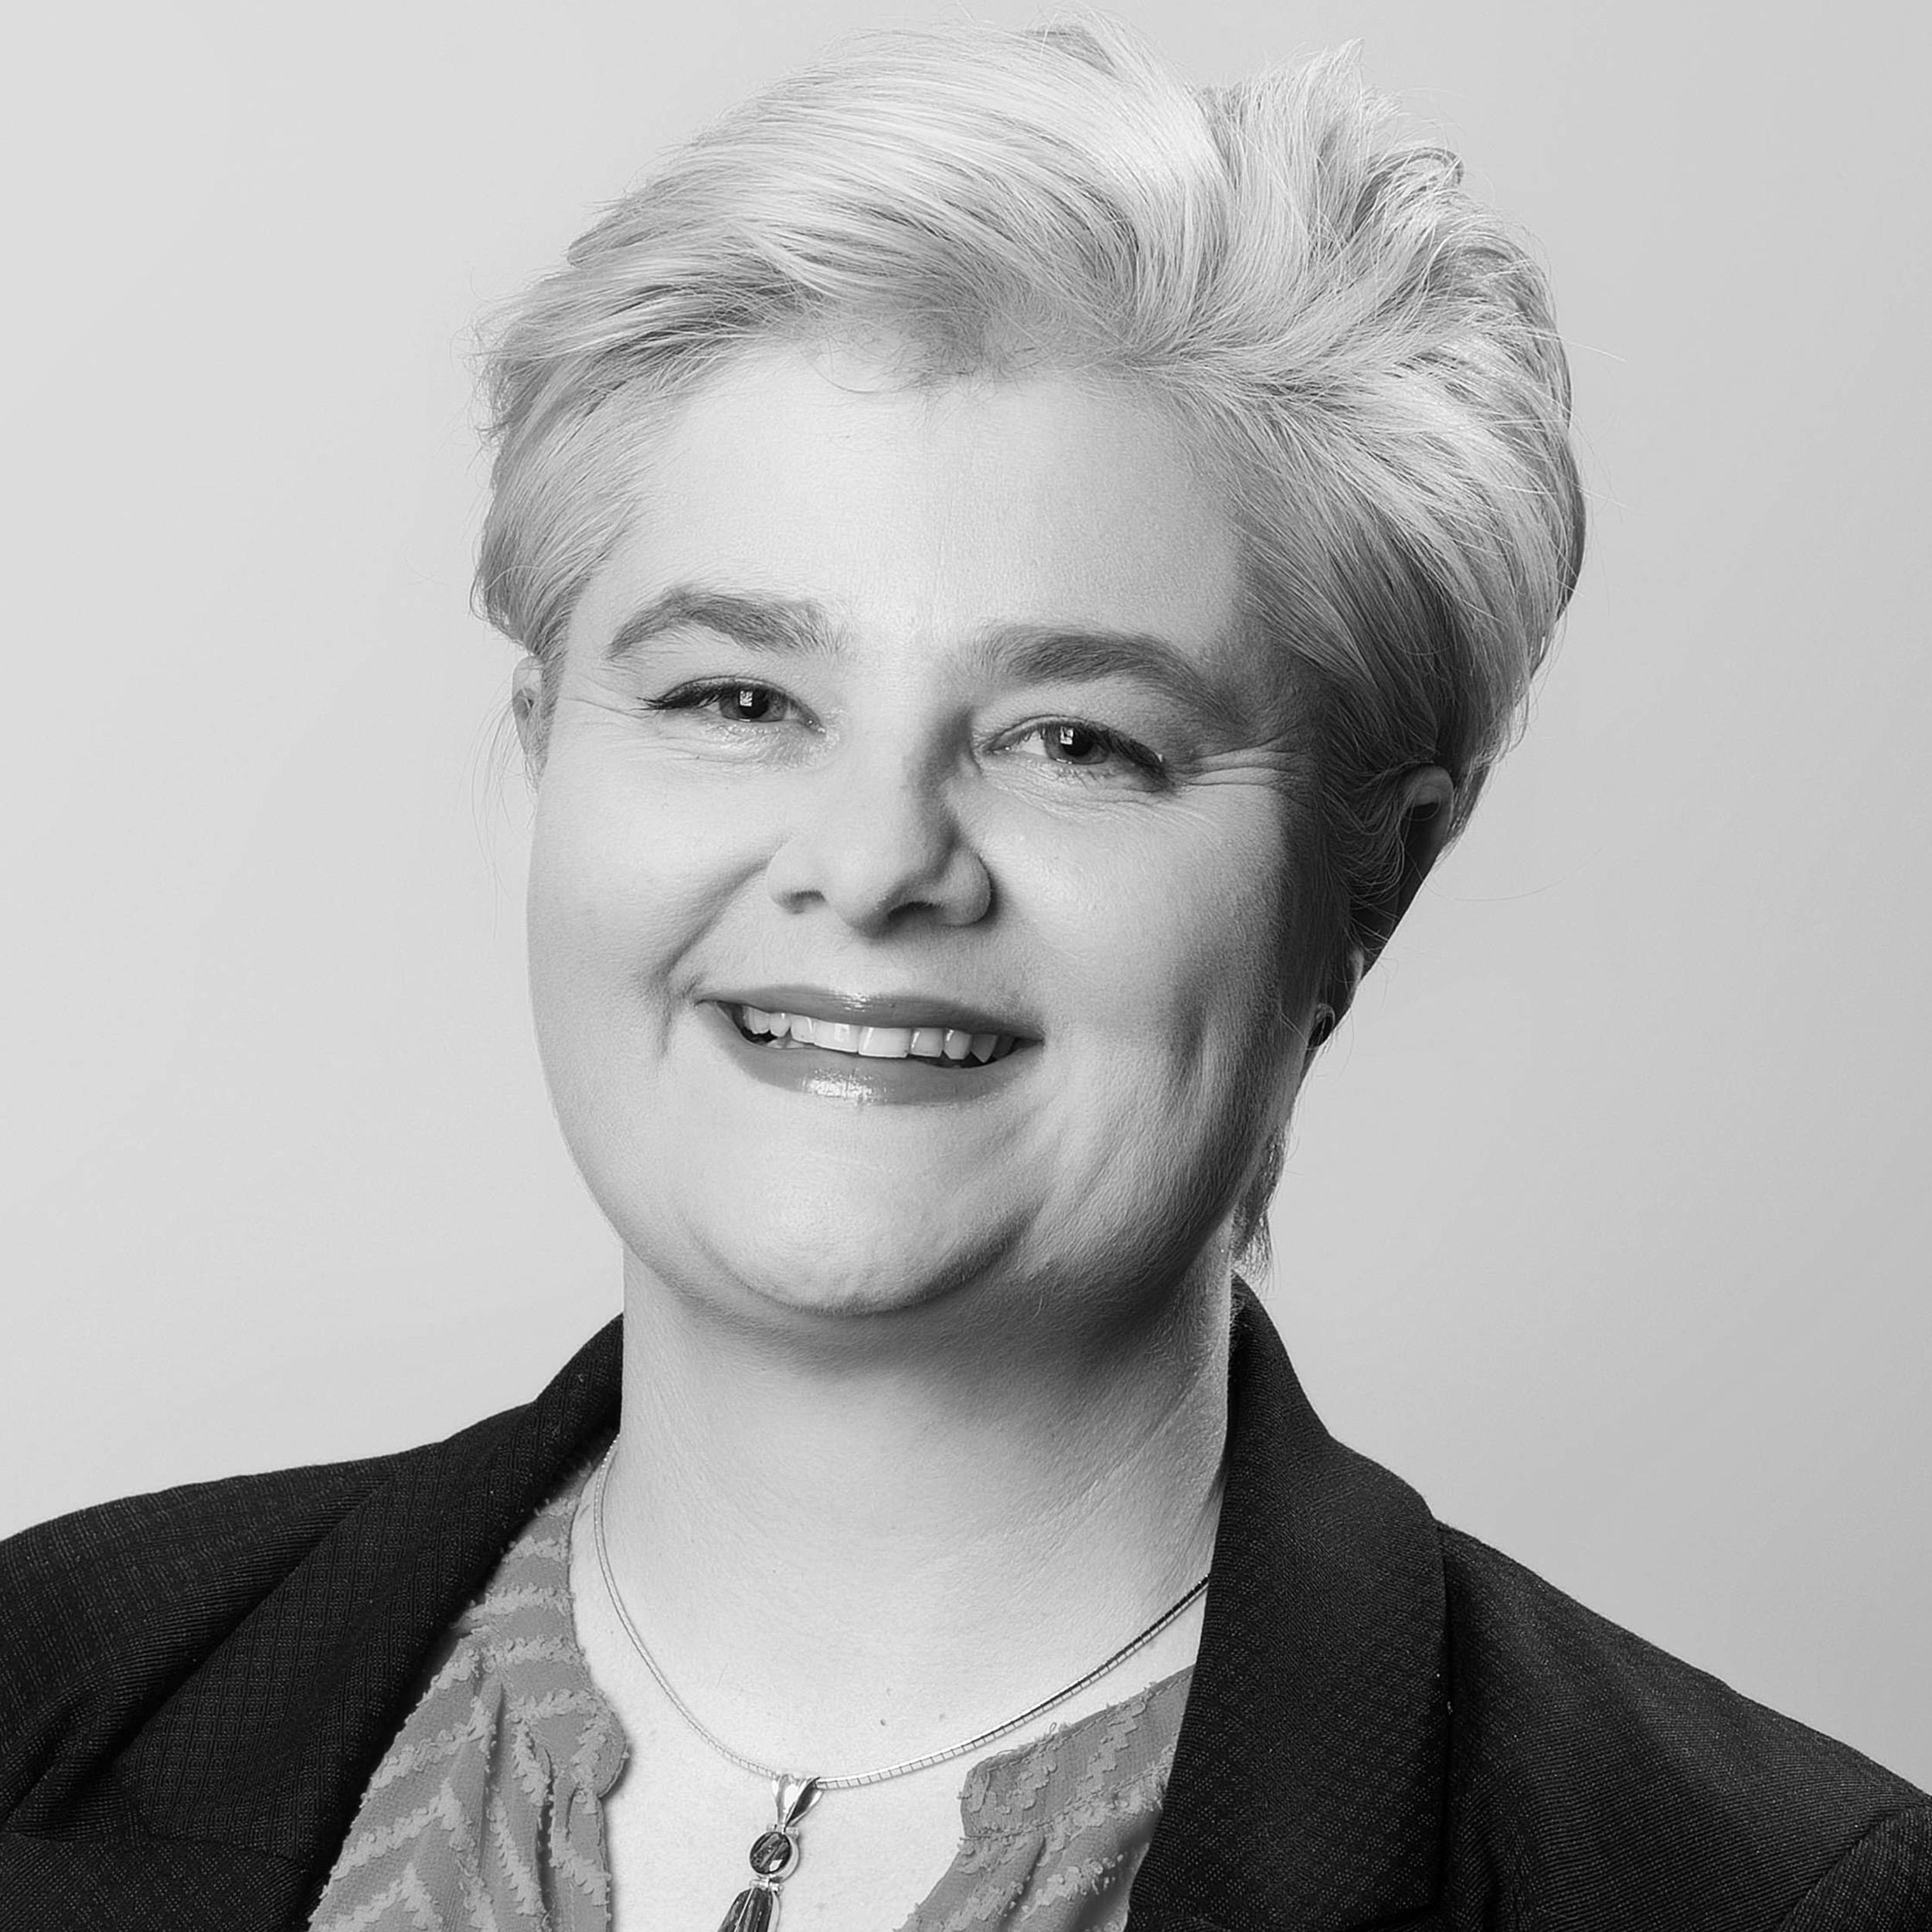 Sharon Markut